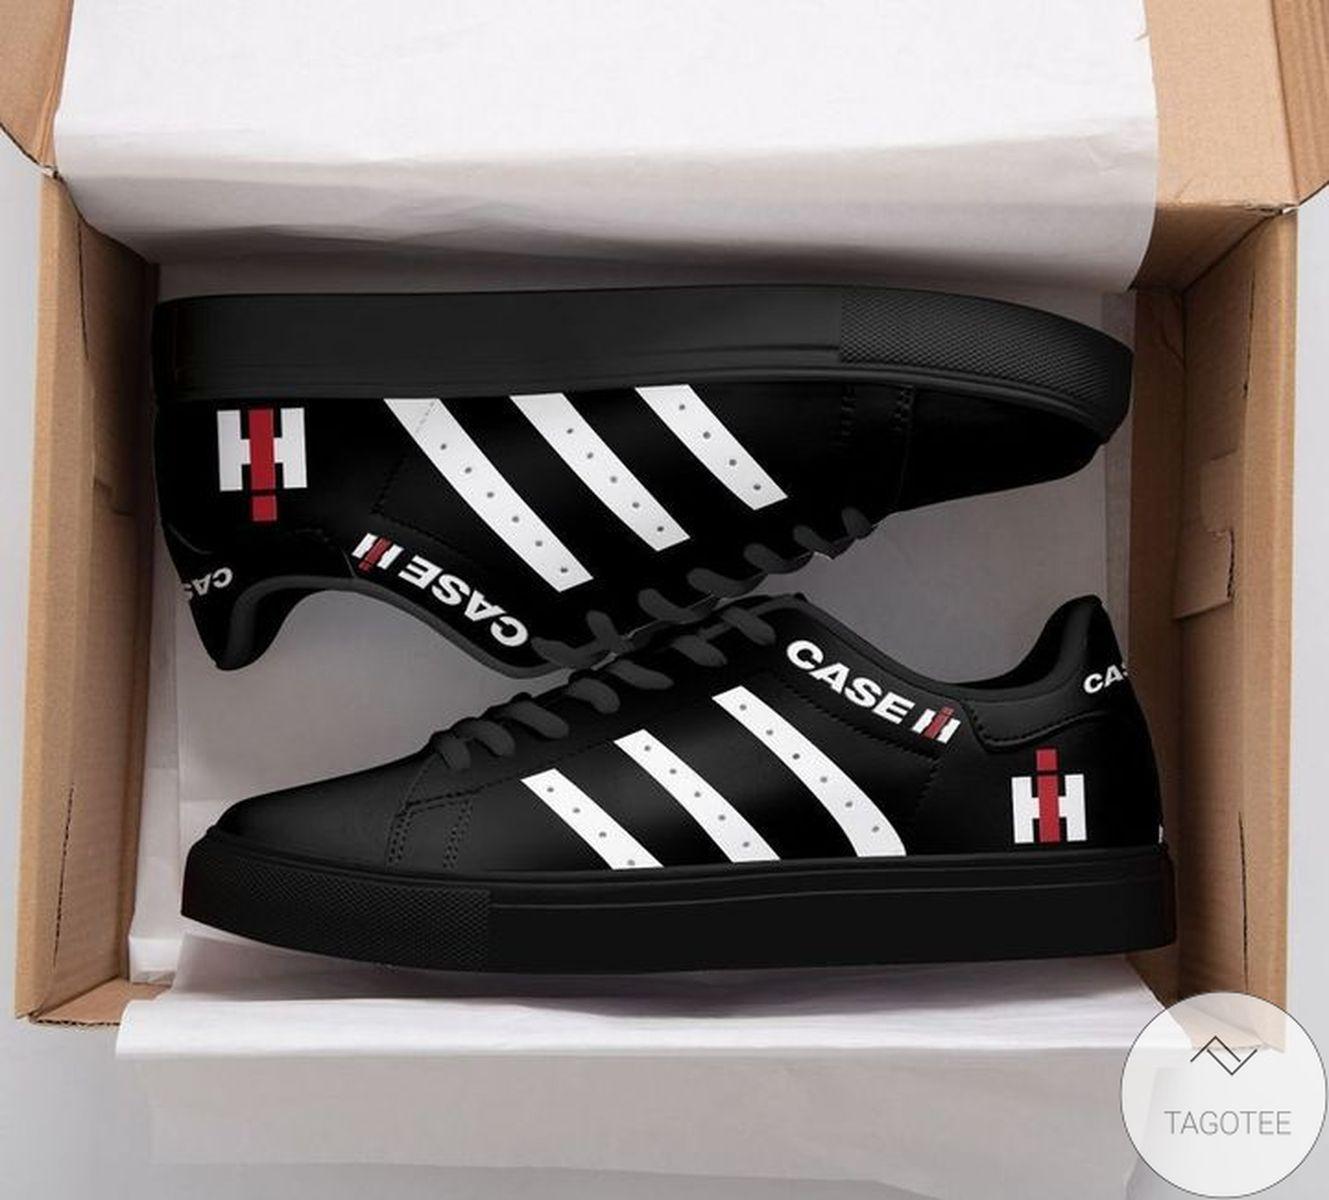 POD Case Black Stan Smith Shoes